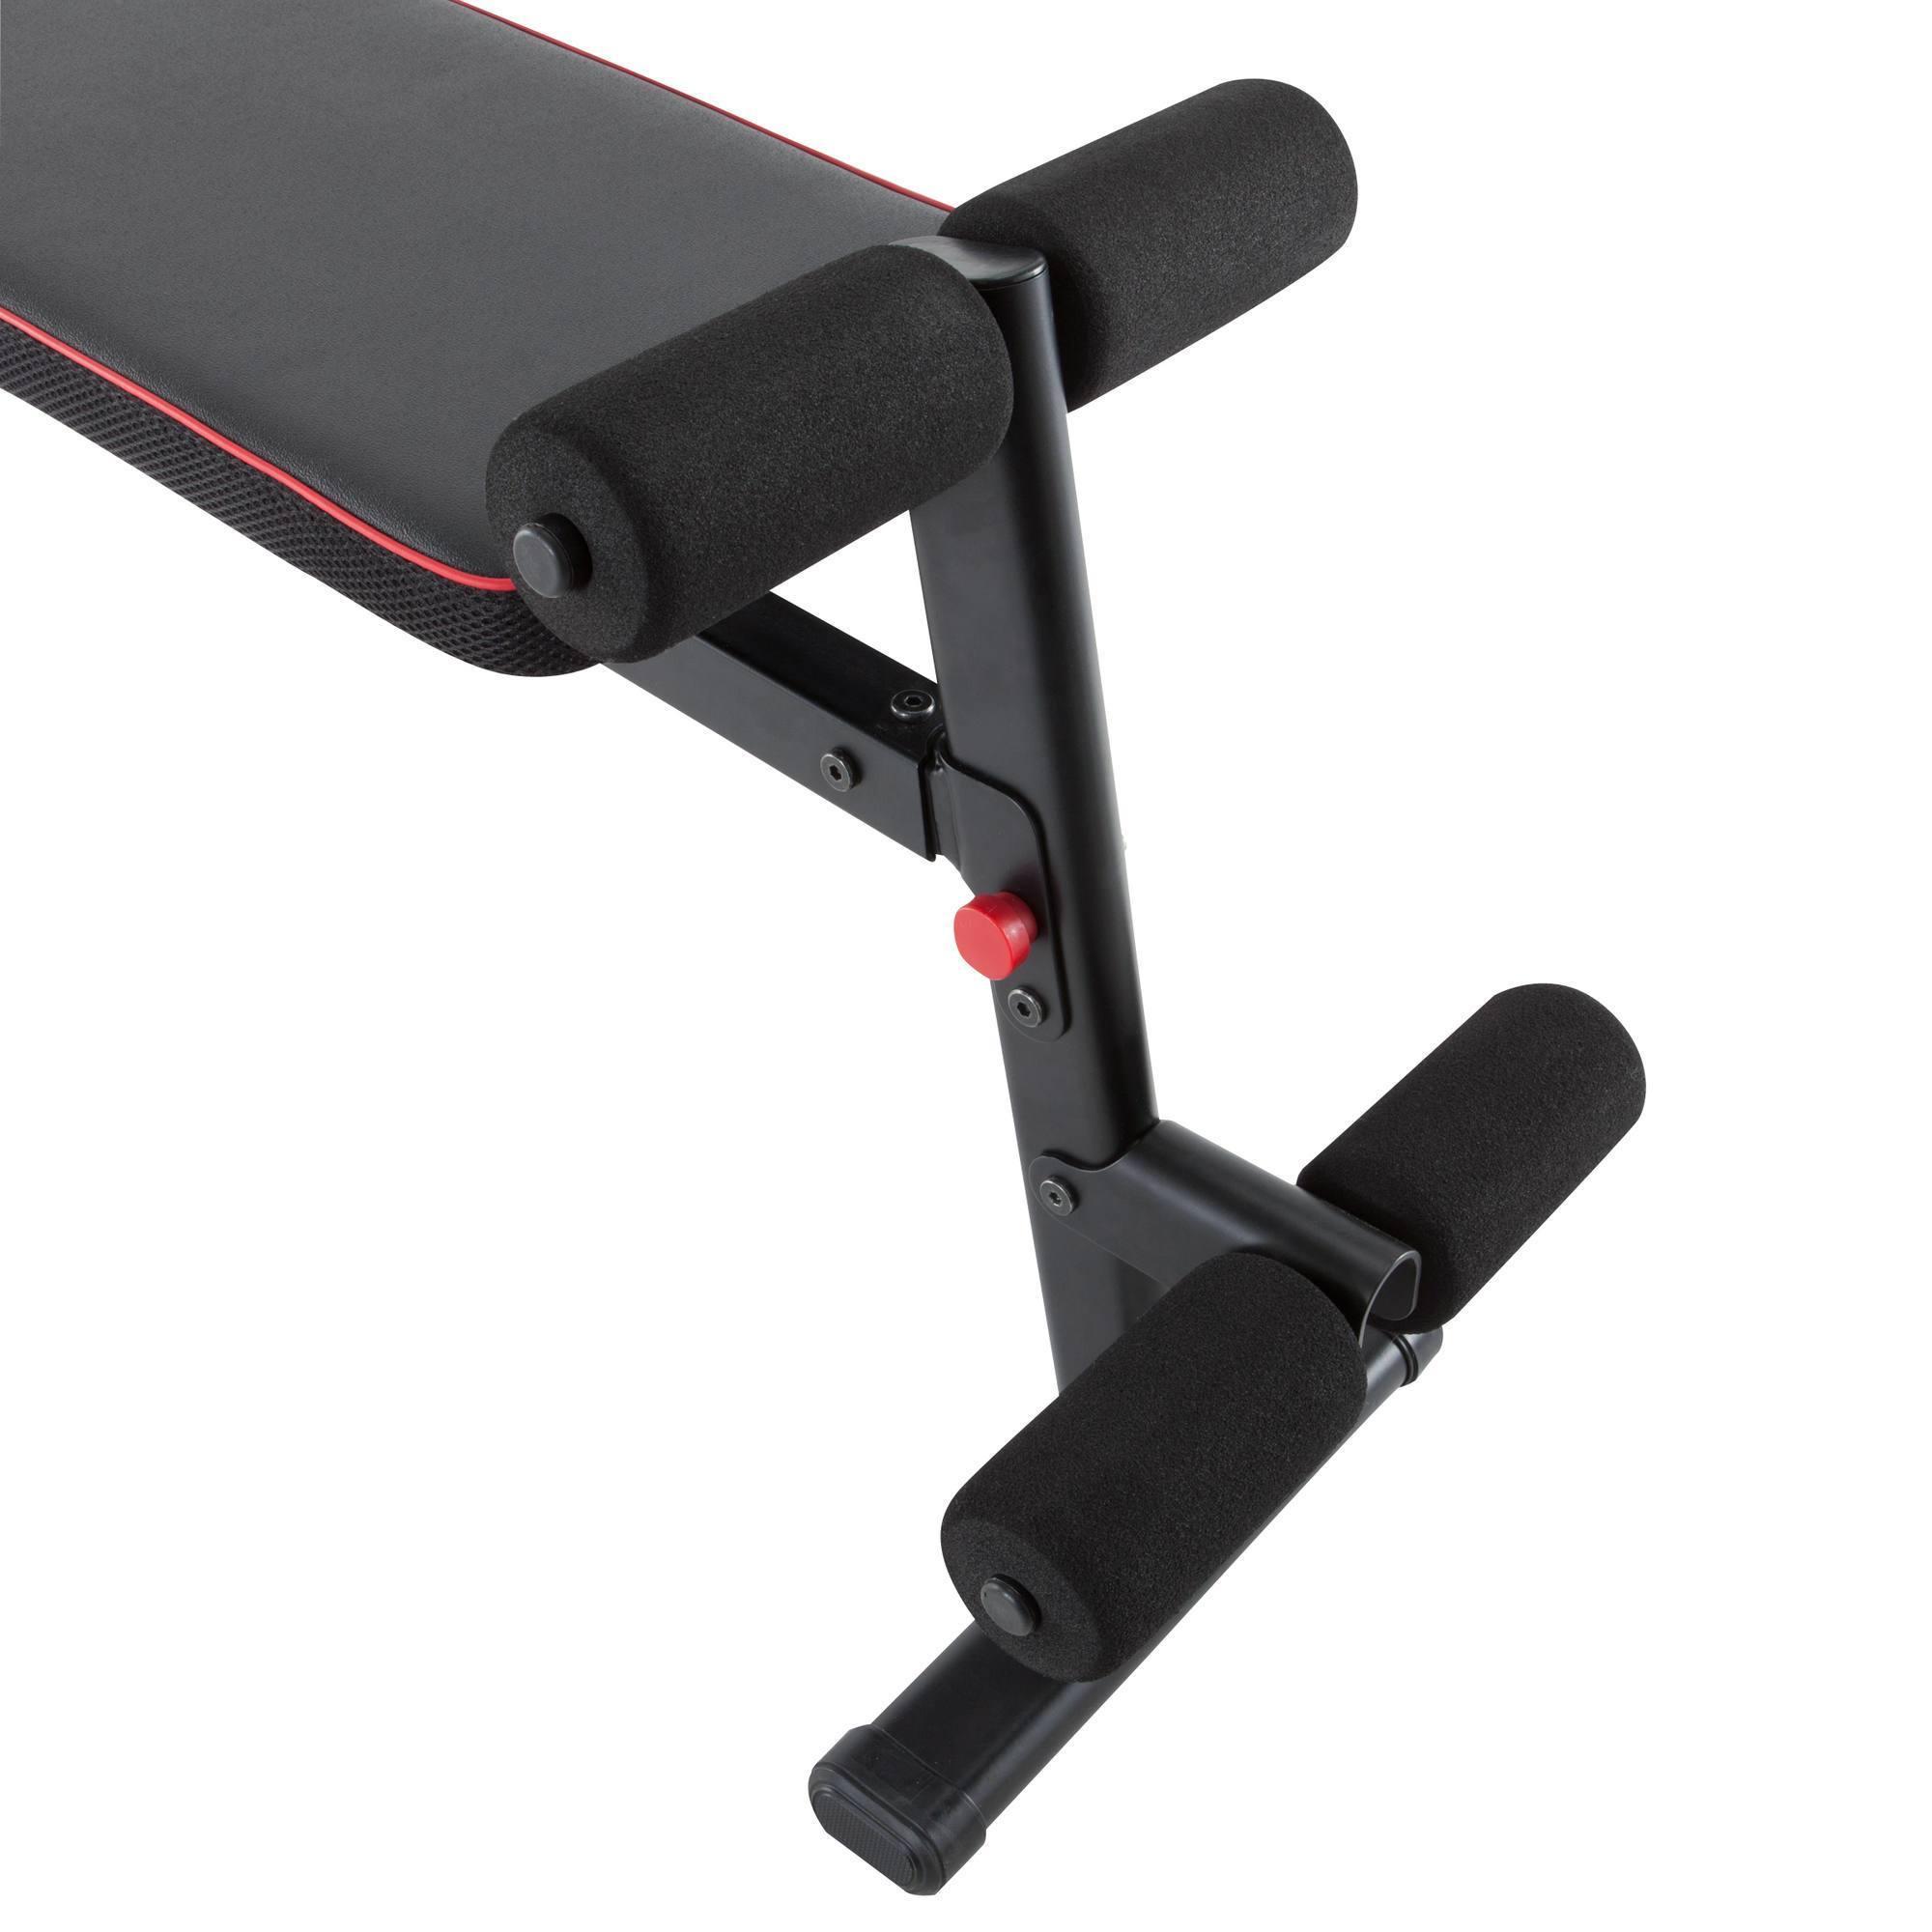 banc de musculation pliable ba 500 clubs collectivit s decathlon pro. Black Bedroom Furniture Sets. Home Design Ideas